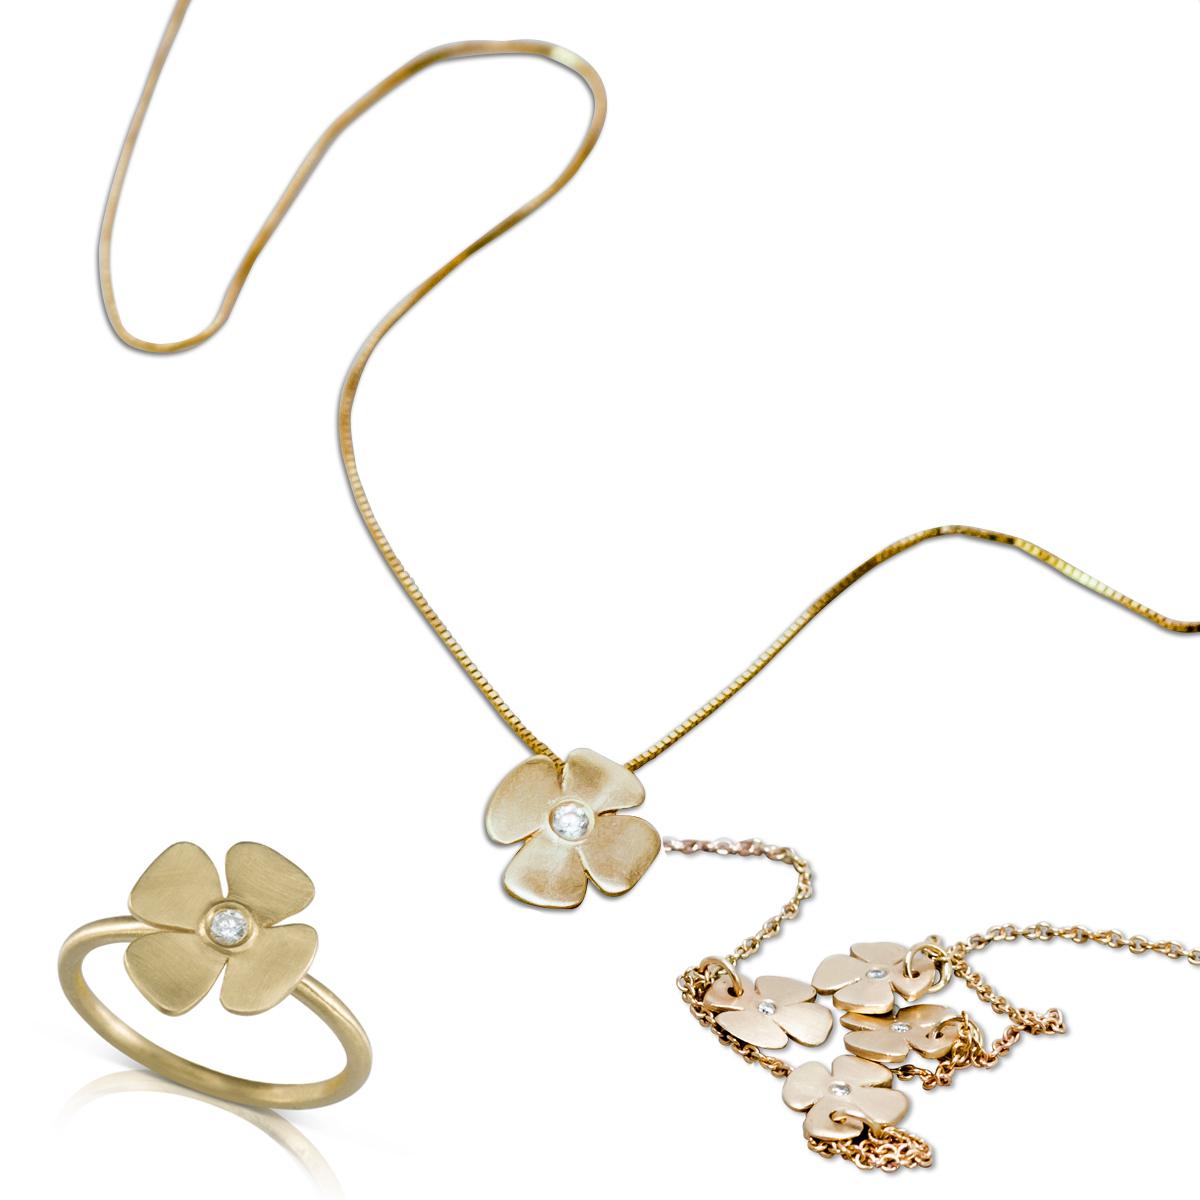 סט תכשיטים בעיצוב פרח עדין לאישה